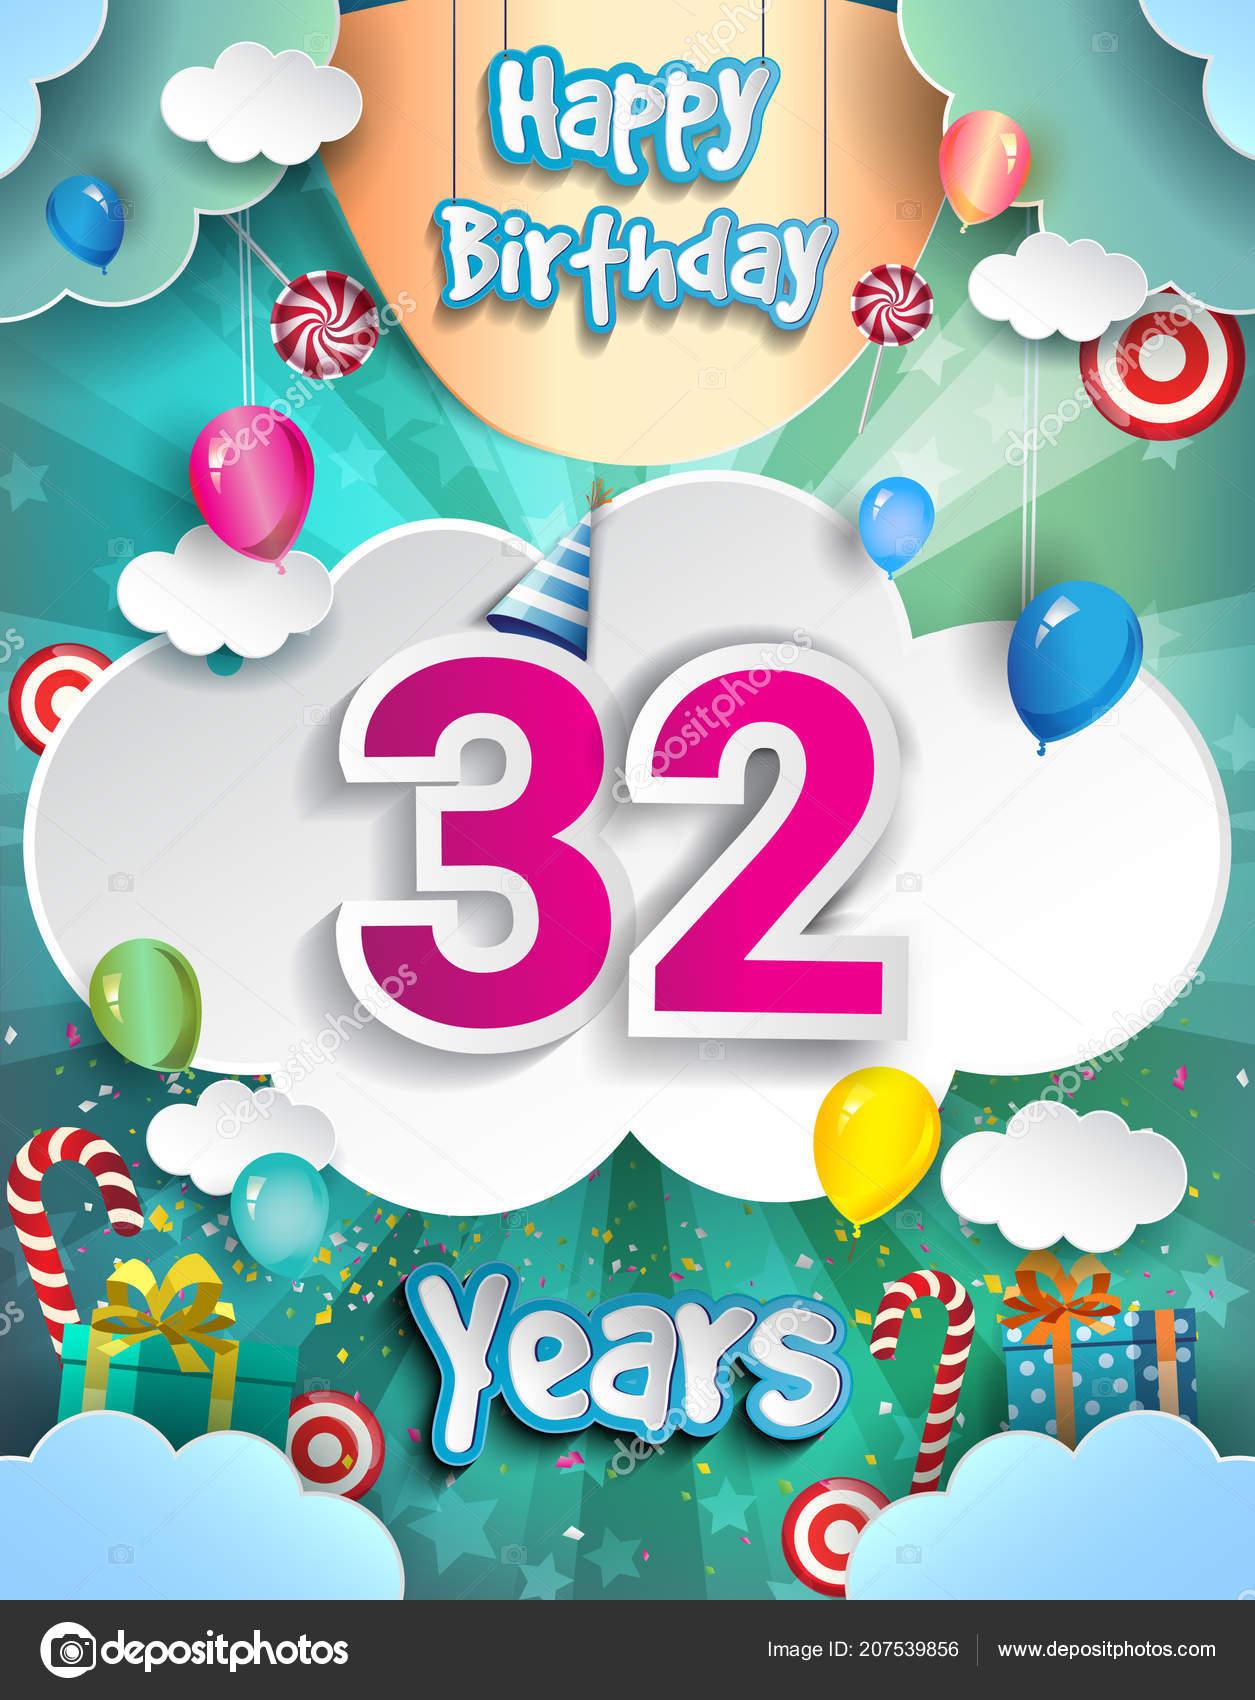 32 Jahre Geburtstag Design Fur Grusskarten Und Poster Mit Geschenk Boxen Luftballons Vorlage Jubilaumsfeier Stockillustration